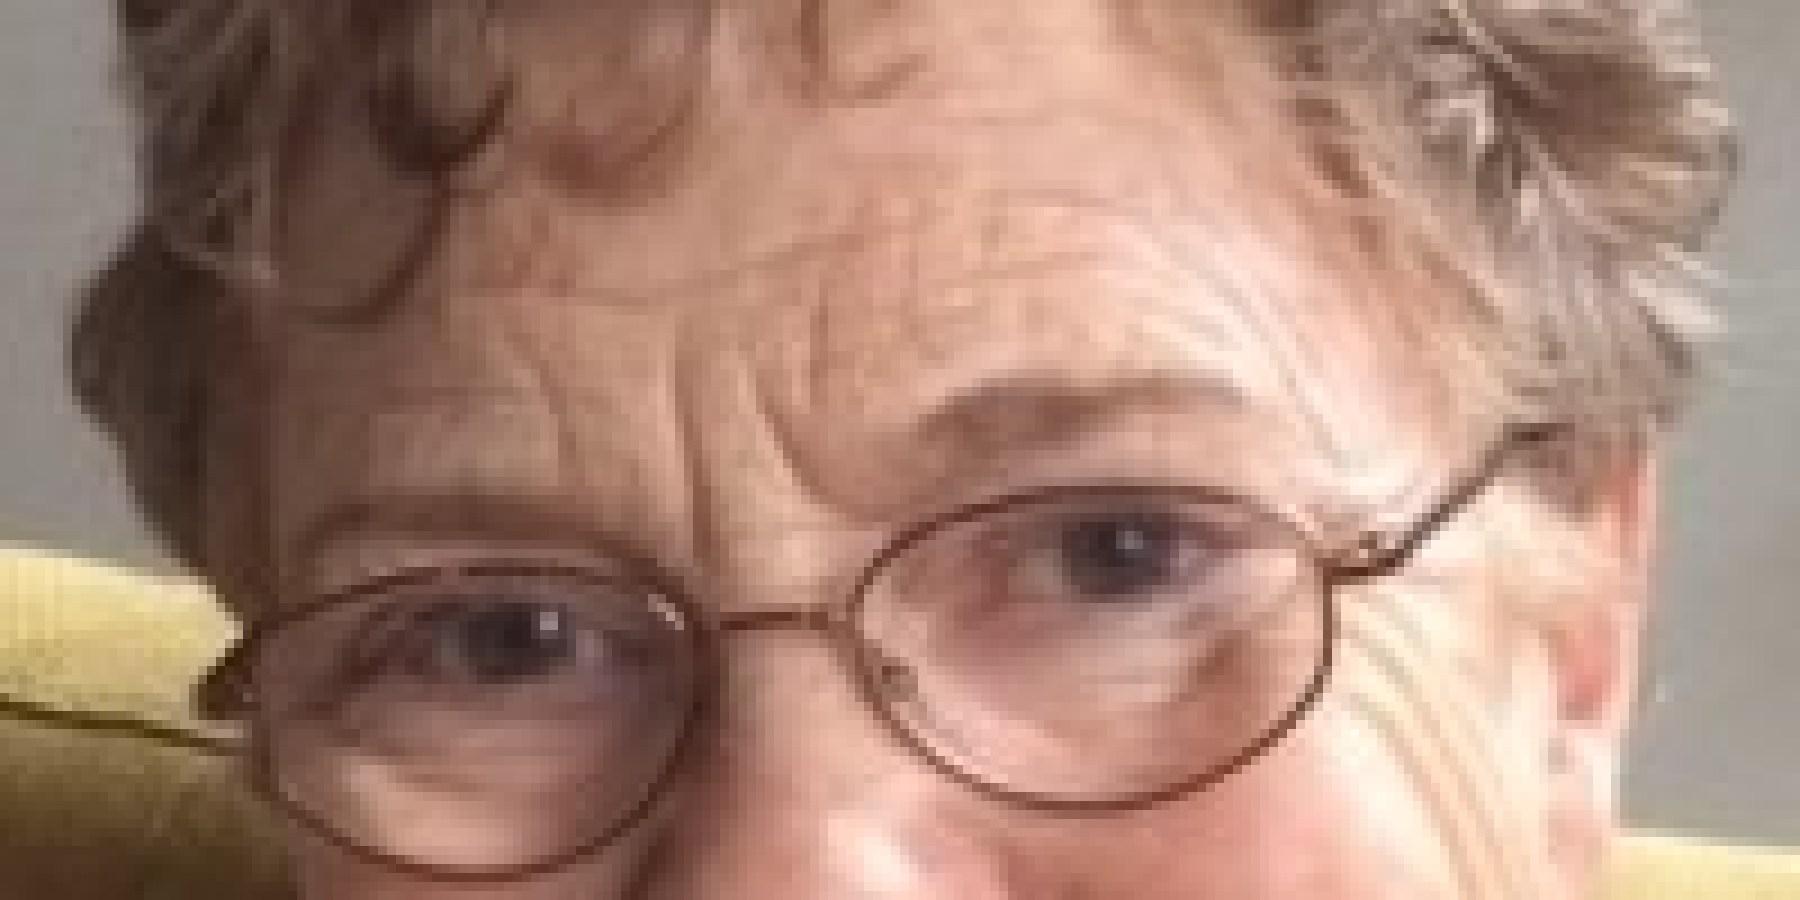 Vermisste 74-Jährige in der Innenstadt angetroffen